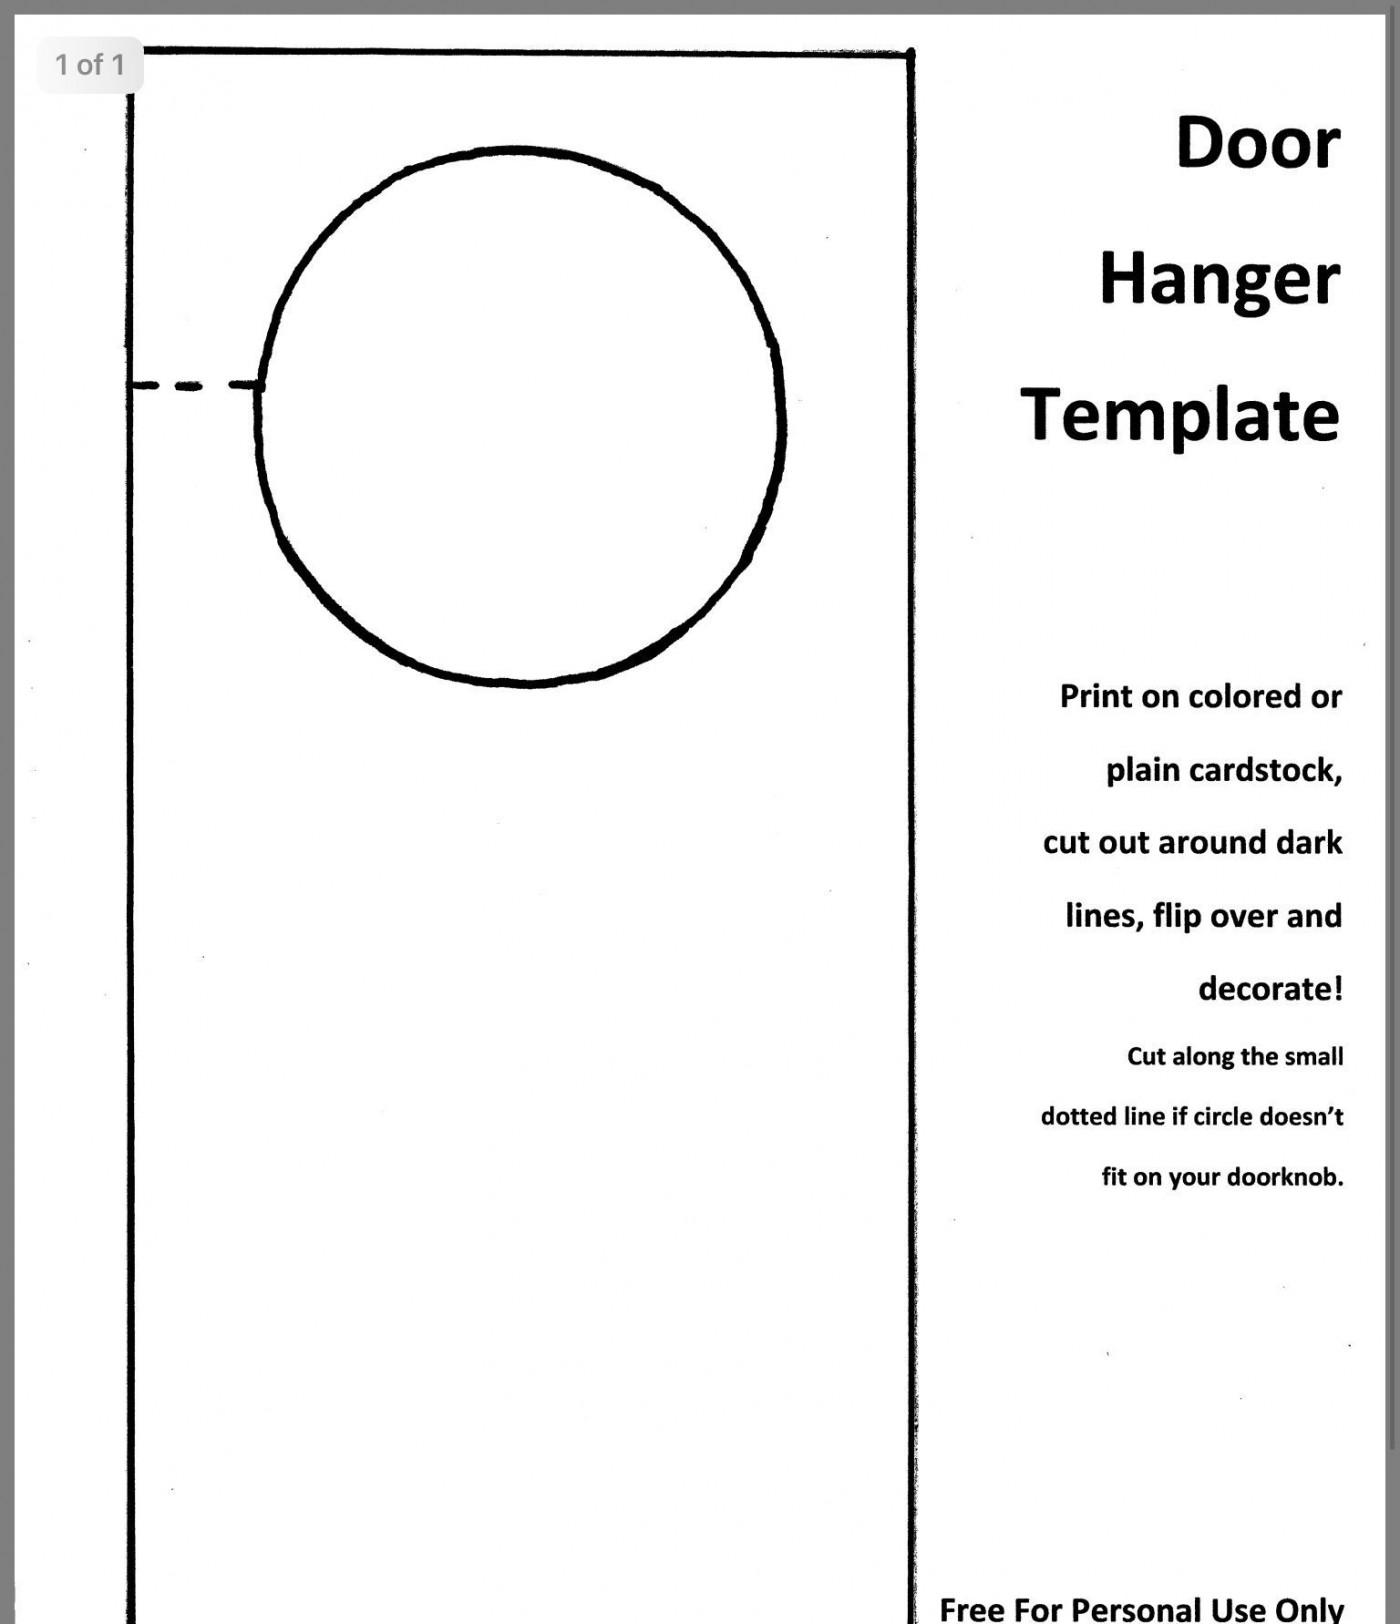 001 Unbelievable Free Printable Template For Door Hanger Highest Clarity 1400